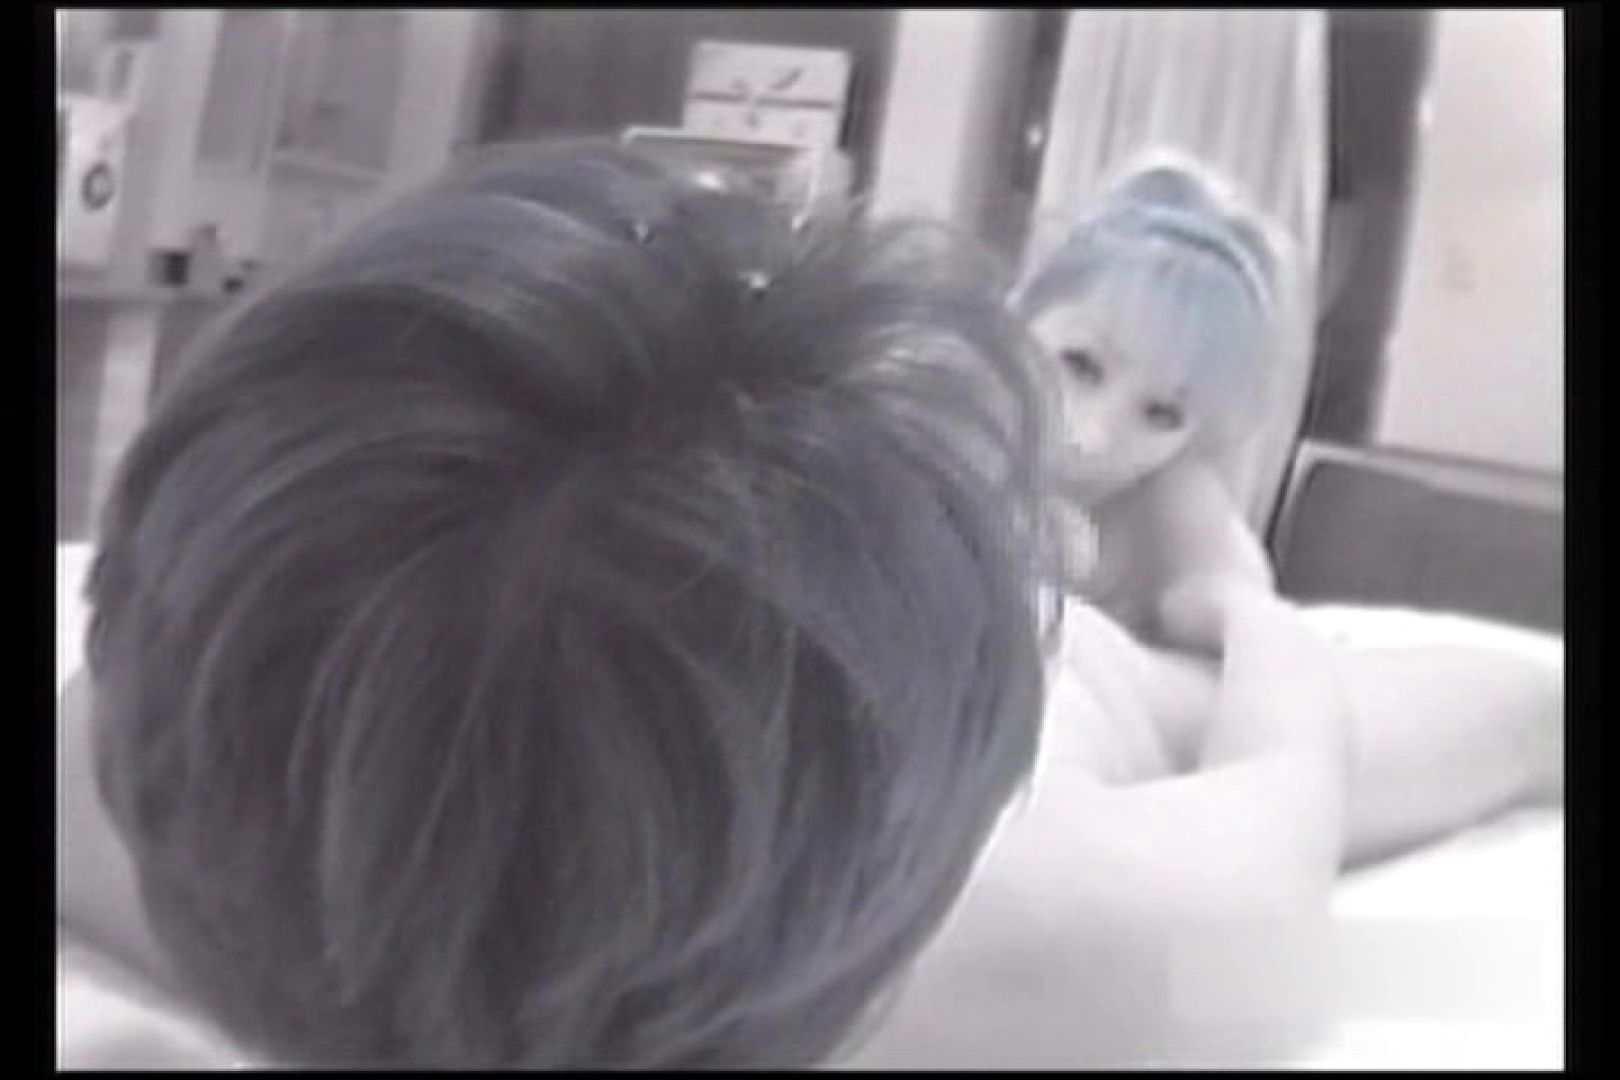 素人嬢をホテルに連れ込みアンナ事・コンナ事!?Vol.6 素人 盗撮エロ画像 80連発 43